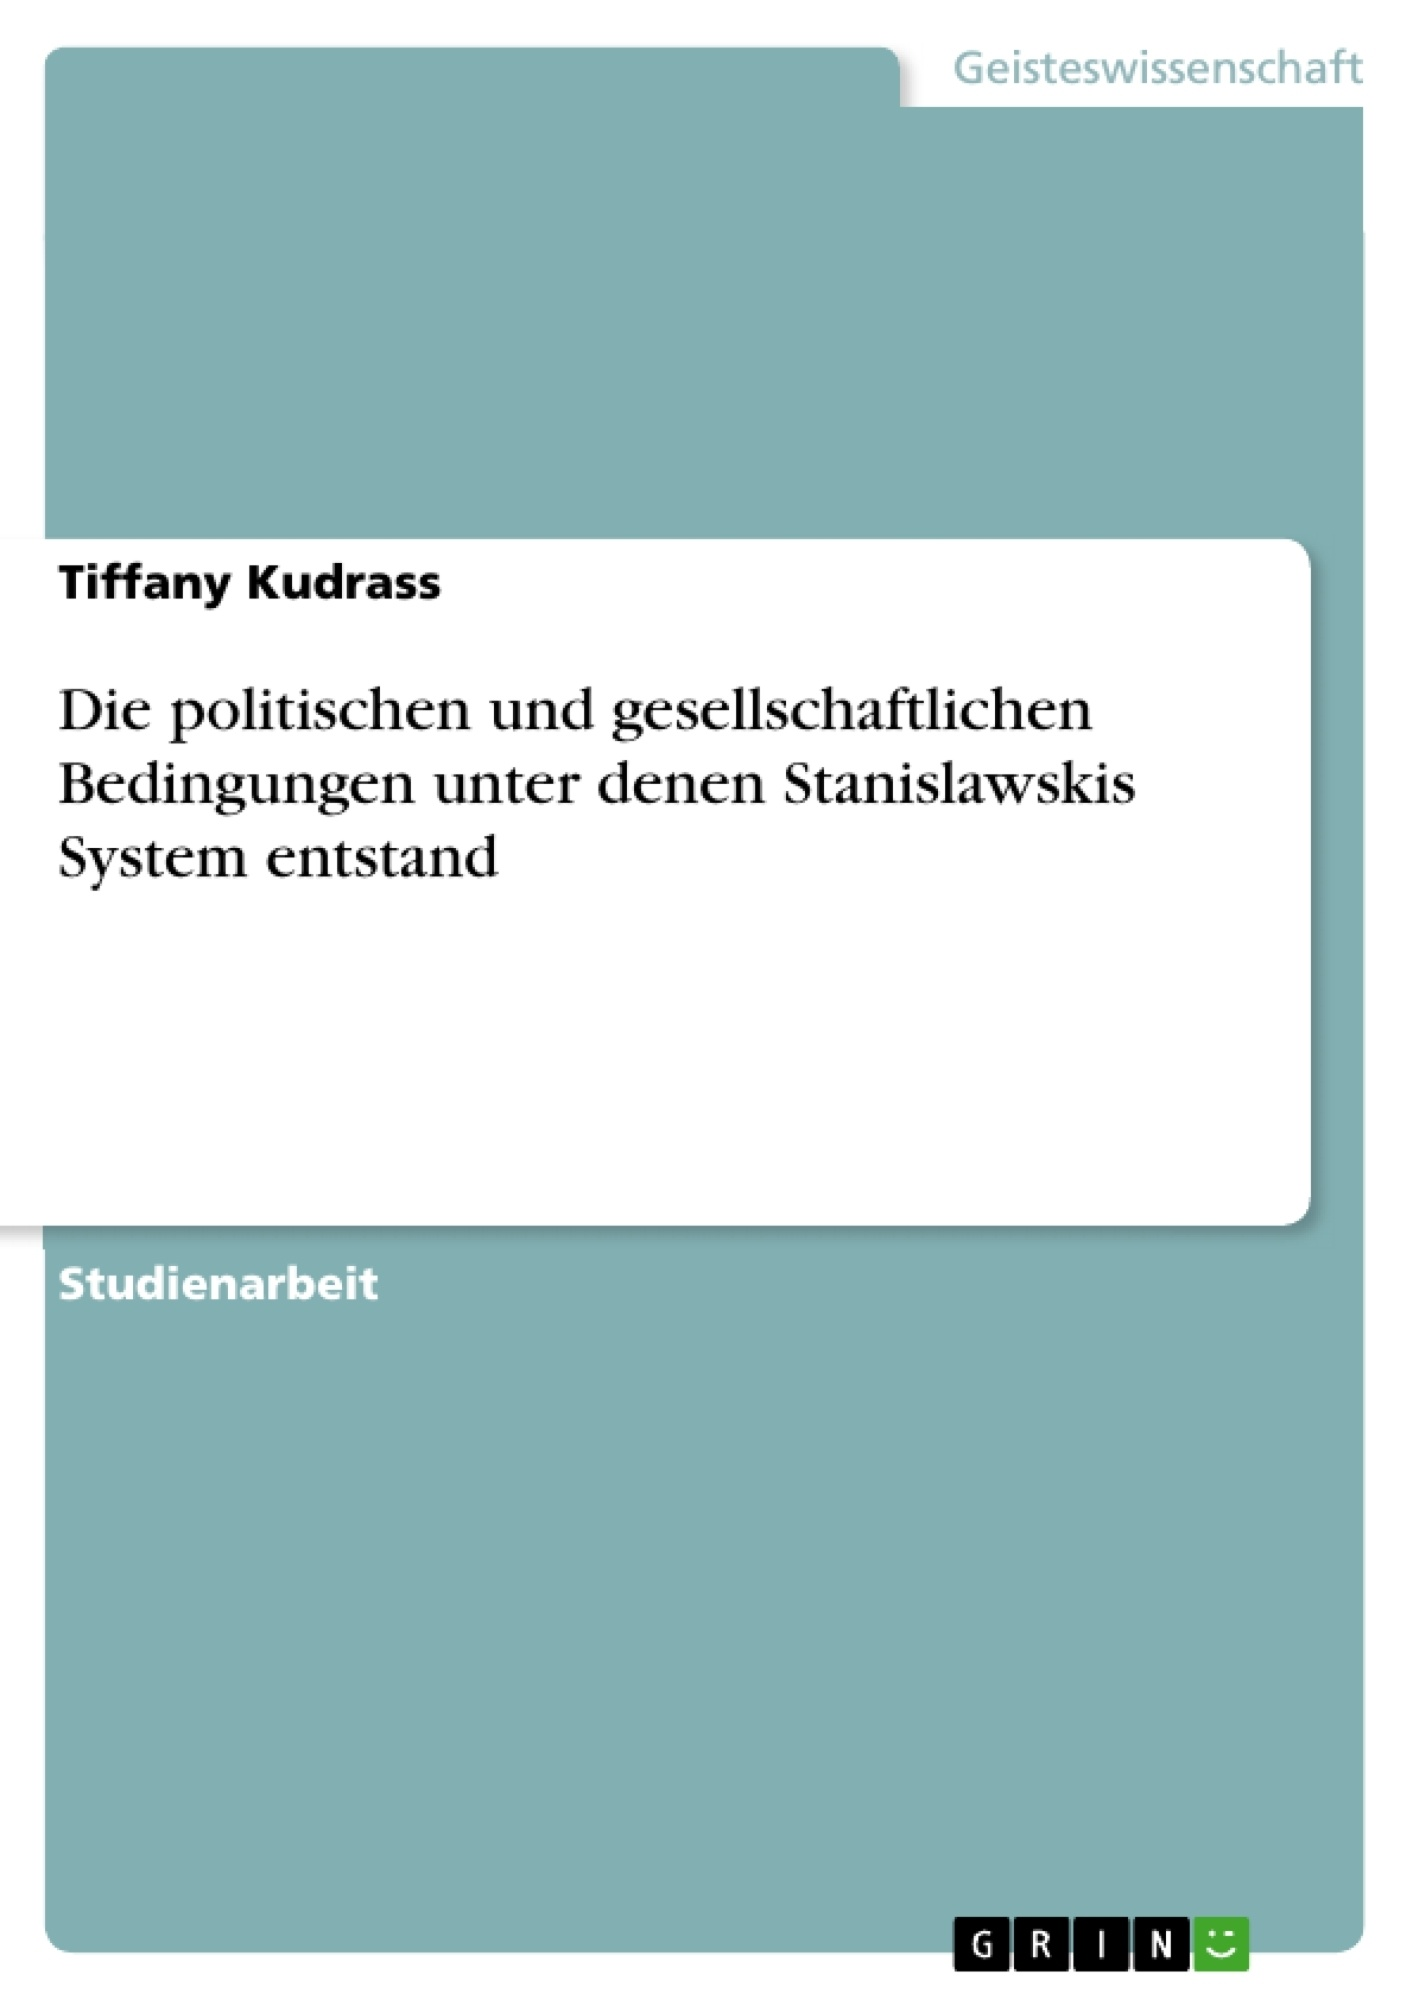 Titel: Die politischen und gesellschaftlichen Bedingungen unter denen Stanislawskis System entstand